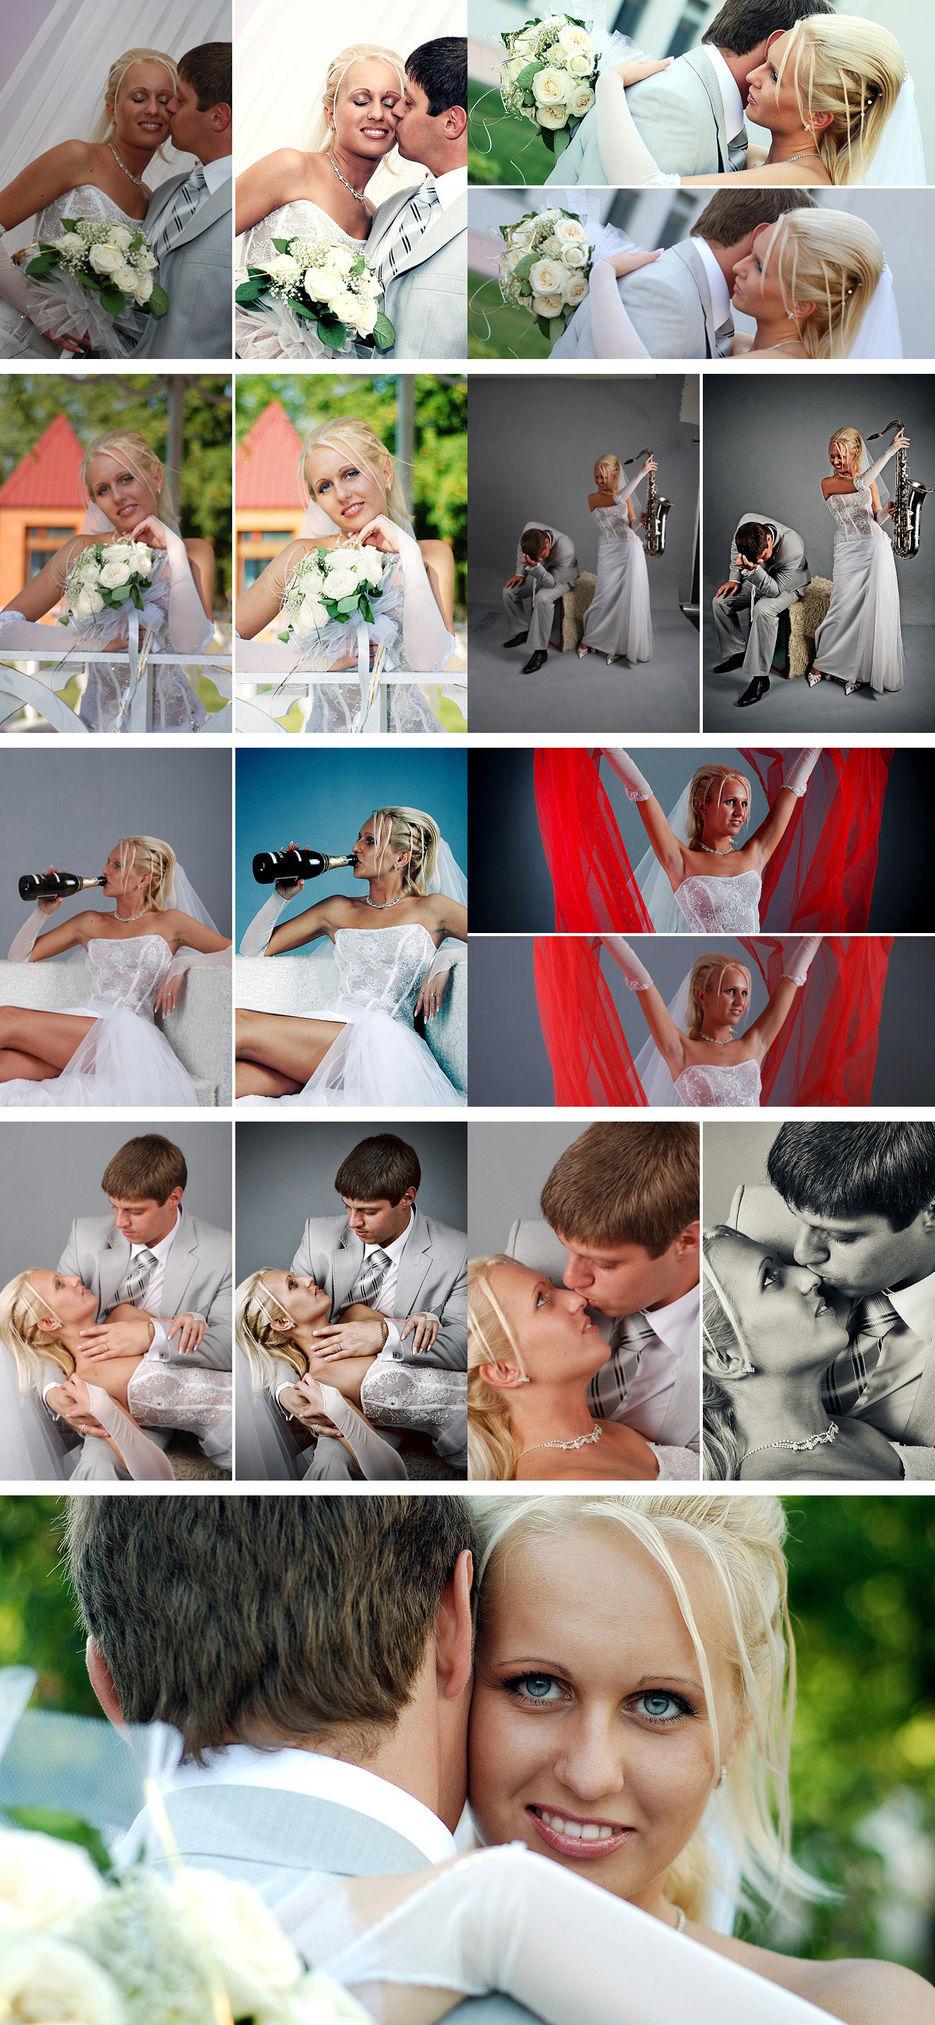 Свадебный маршрут в спб для фотосессии обрабатывает фотографии